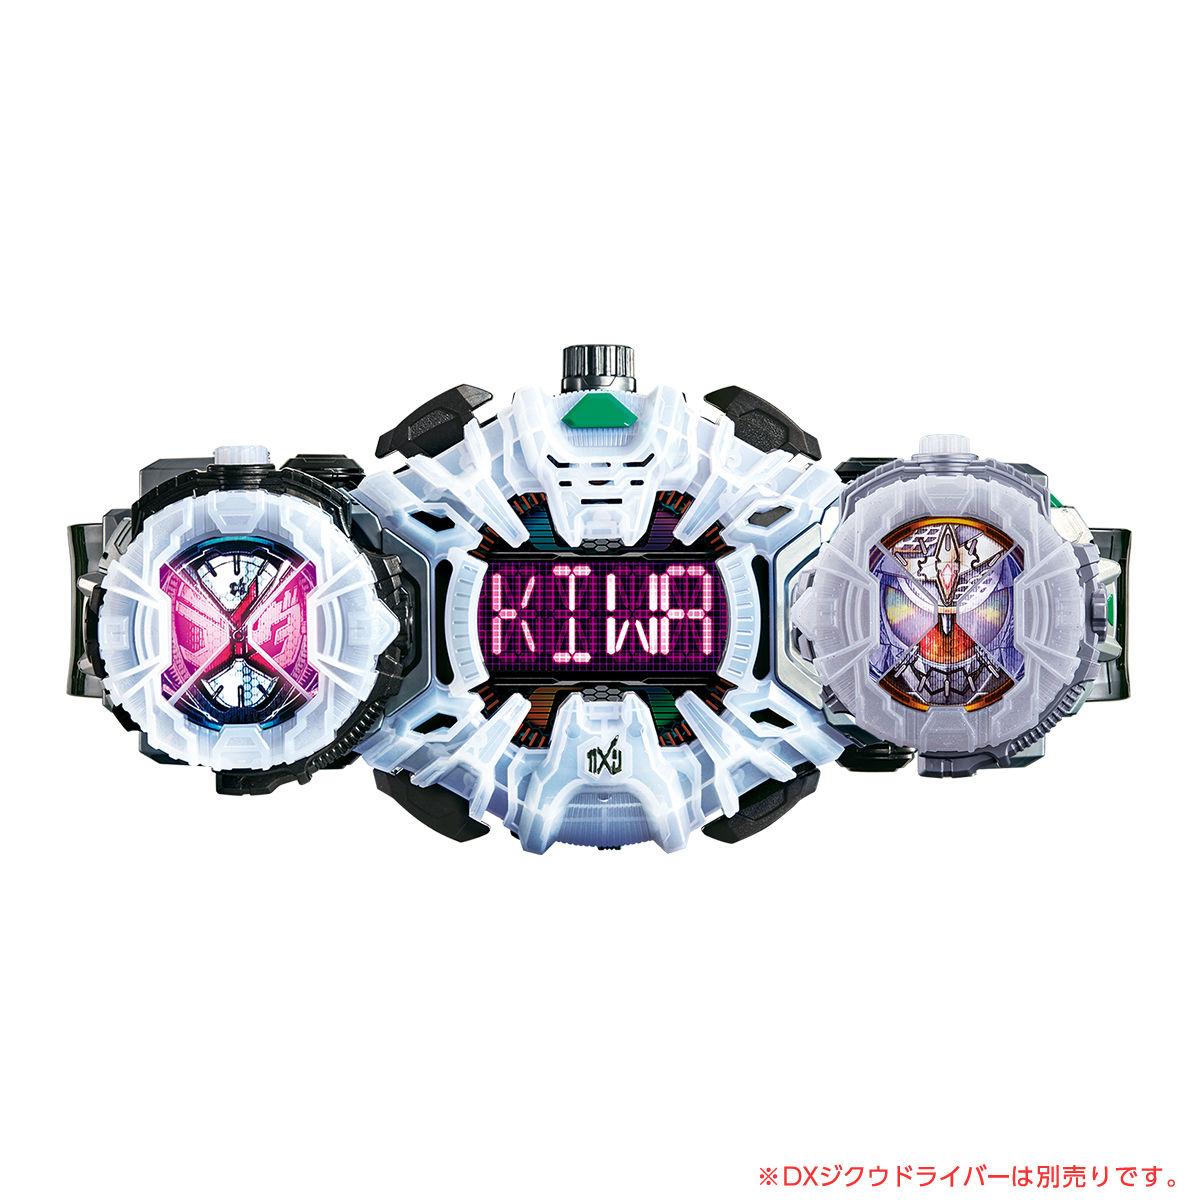 仮面ライダージオウ『DX鎧武極アームズライドウォッチ』変身なりきり-004